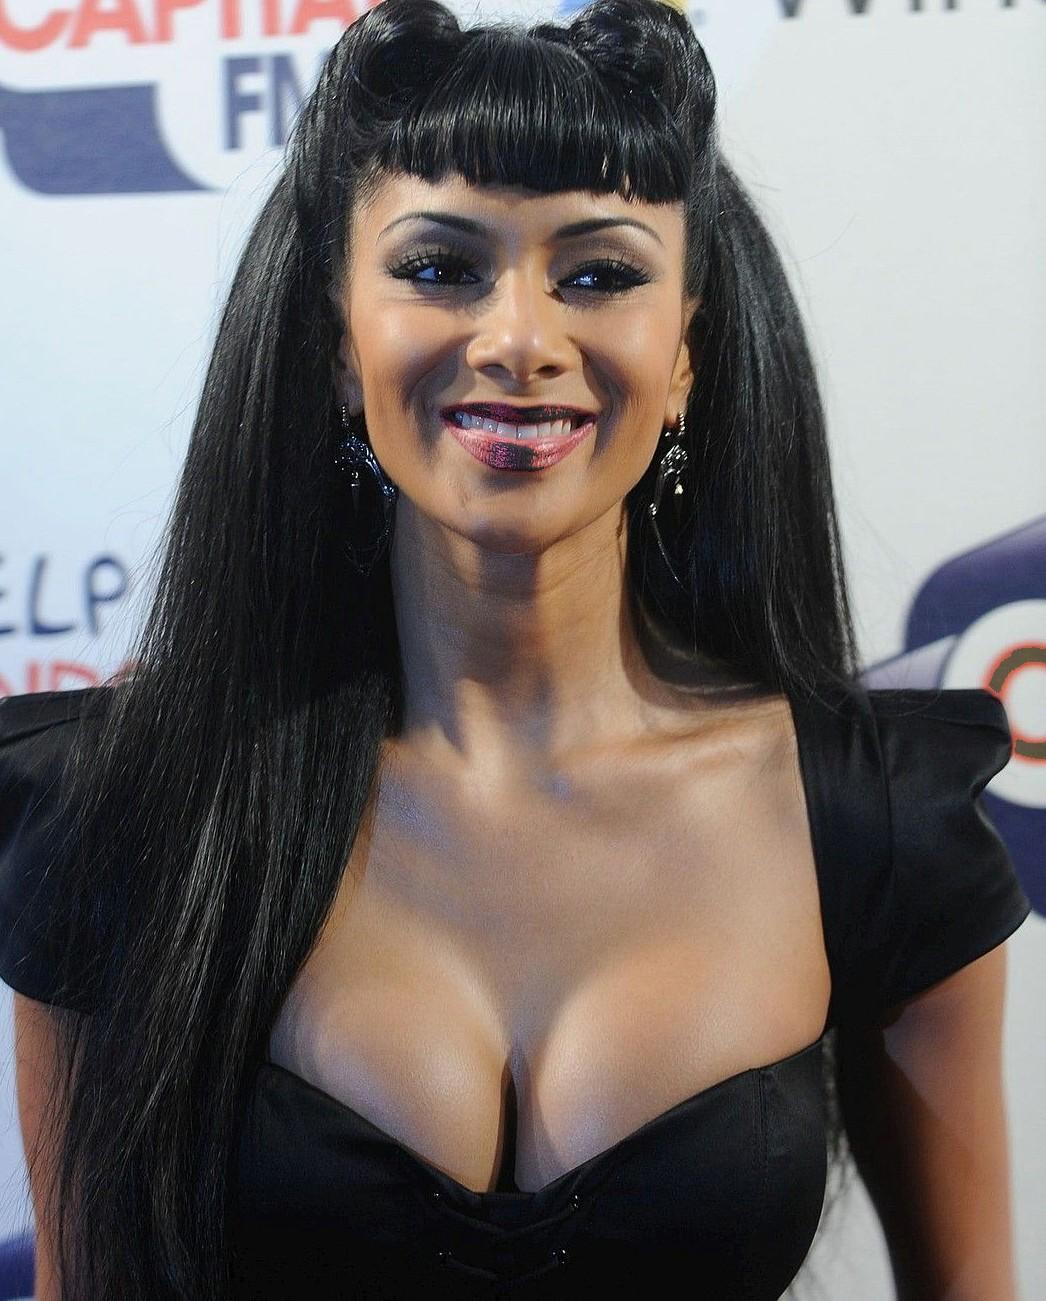 http://4.bp.blogspot.com/-poScWrLvYoM/TmXLVlqKjYI/AAAAAAAAAu8/bmkeMvbrP_A/s1600/Nicole_Scherzinger_Hot_00.jpg